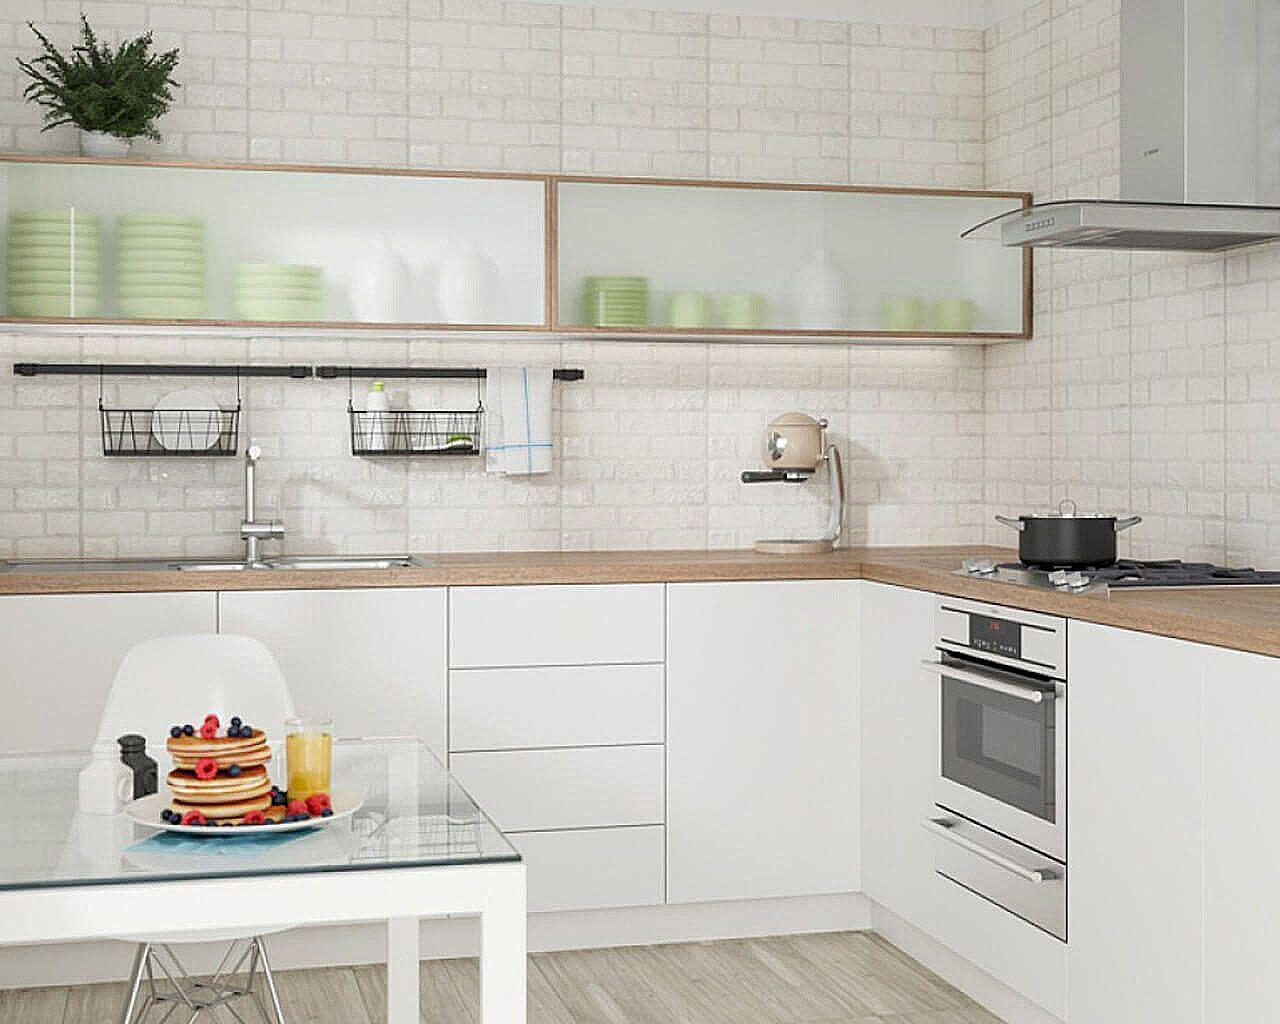 Wunderbar Küche Und Bad Nyc Ideen - Küchen Ideen Modern ...